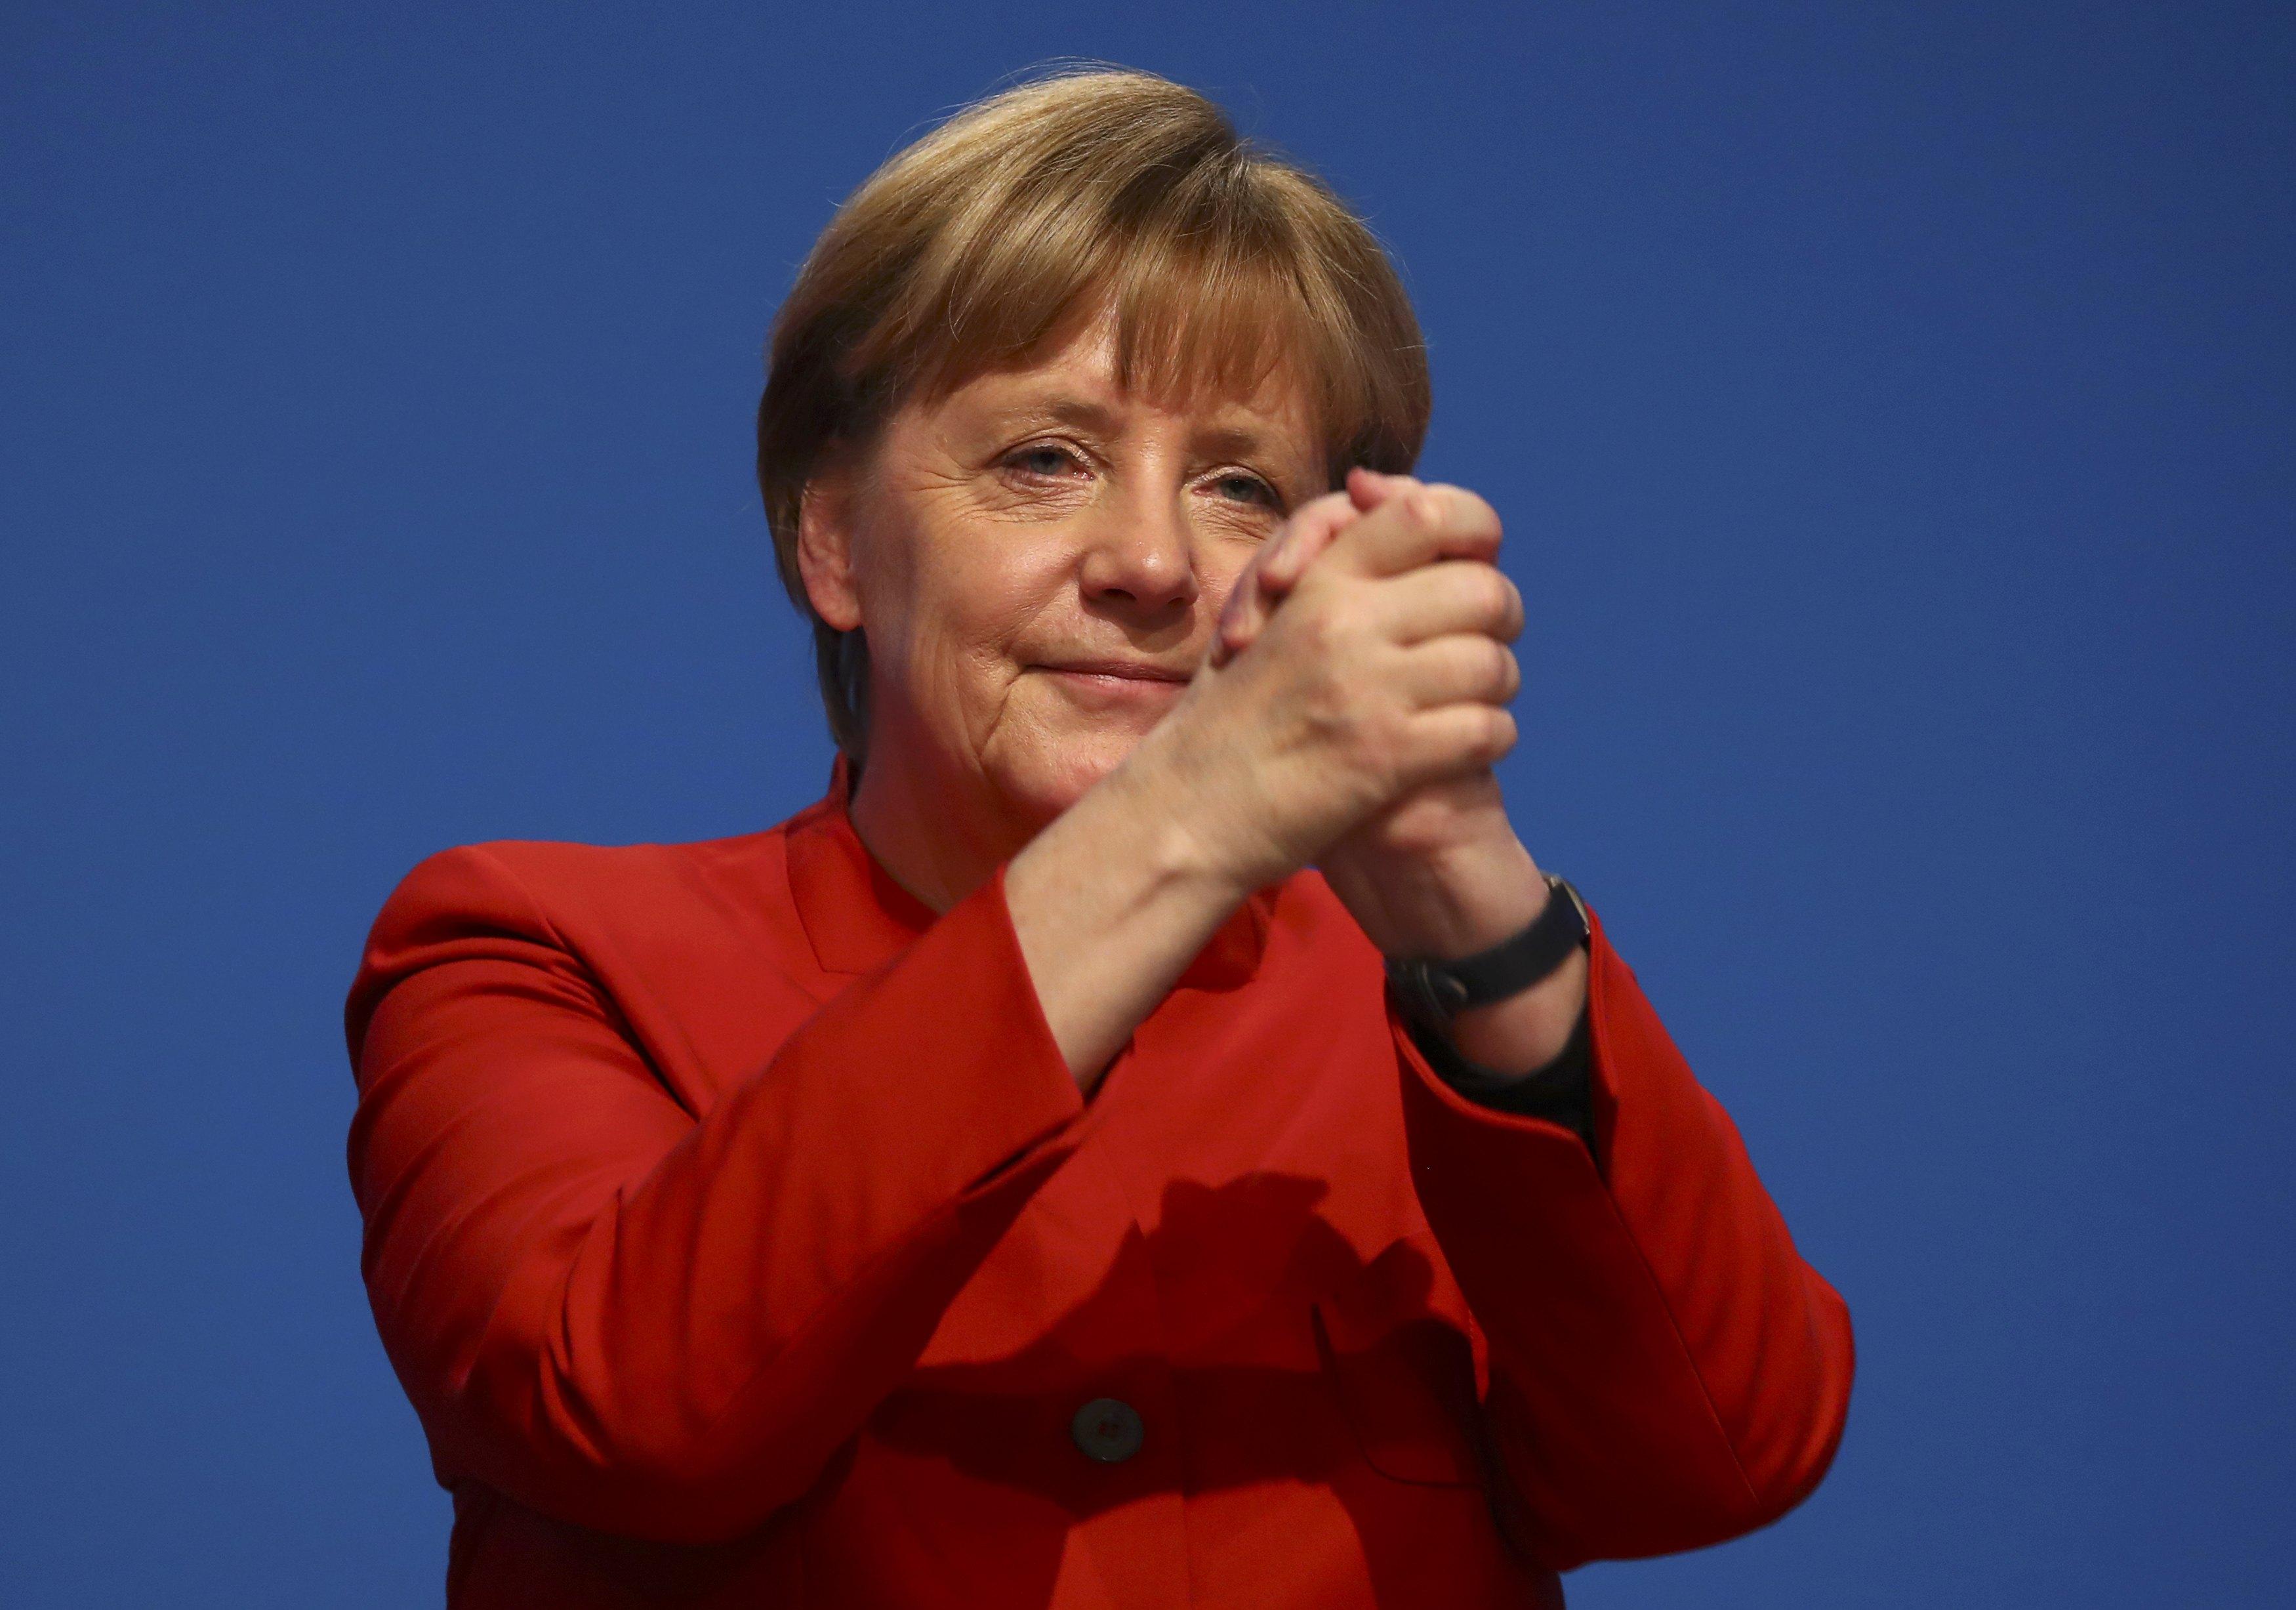 Germania verso elezioni 2017, Merkel rieletta alla guida della Cdu